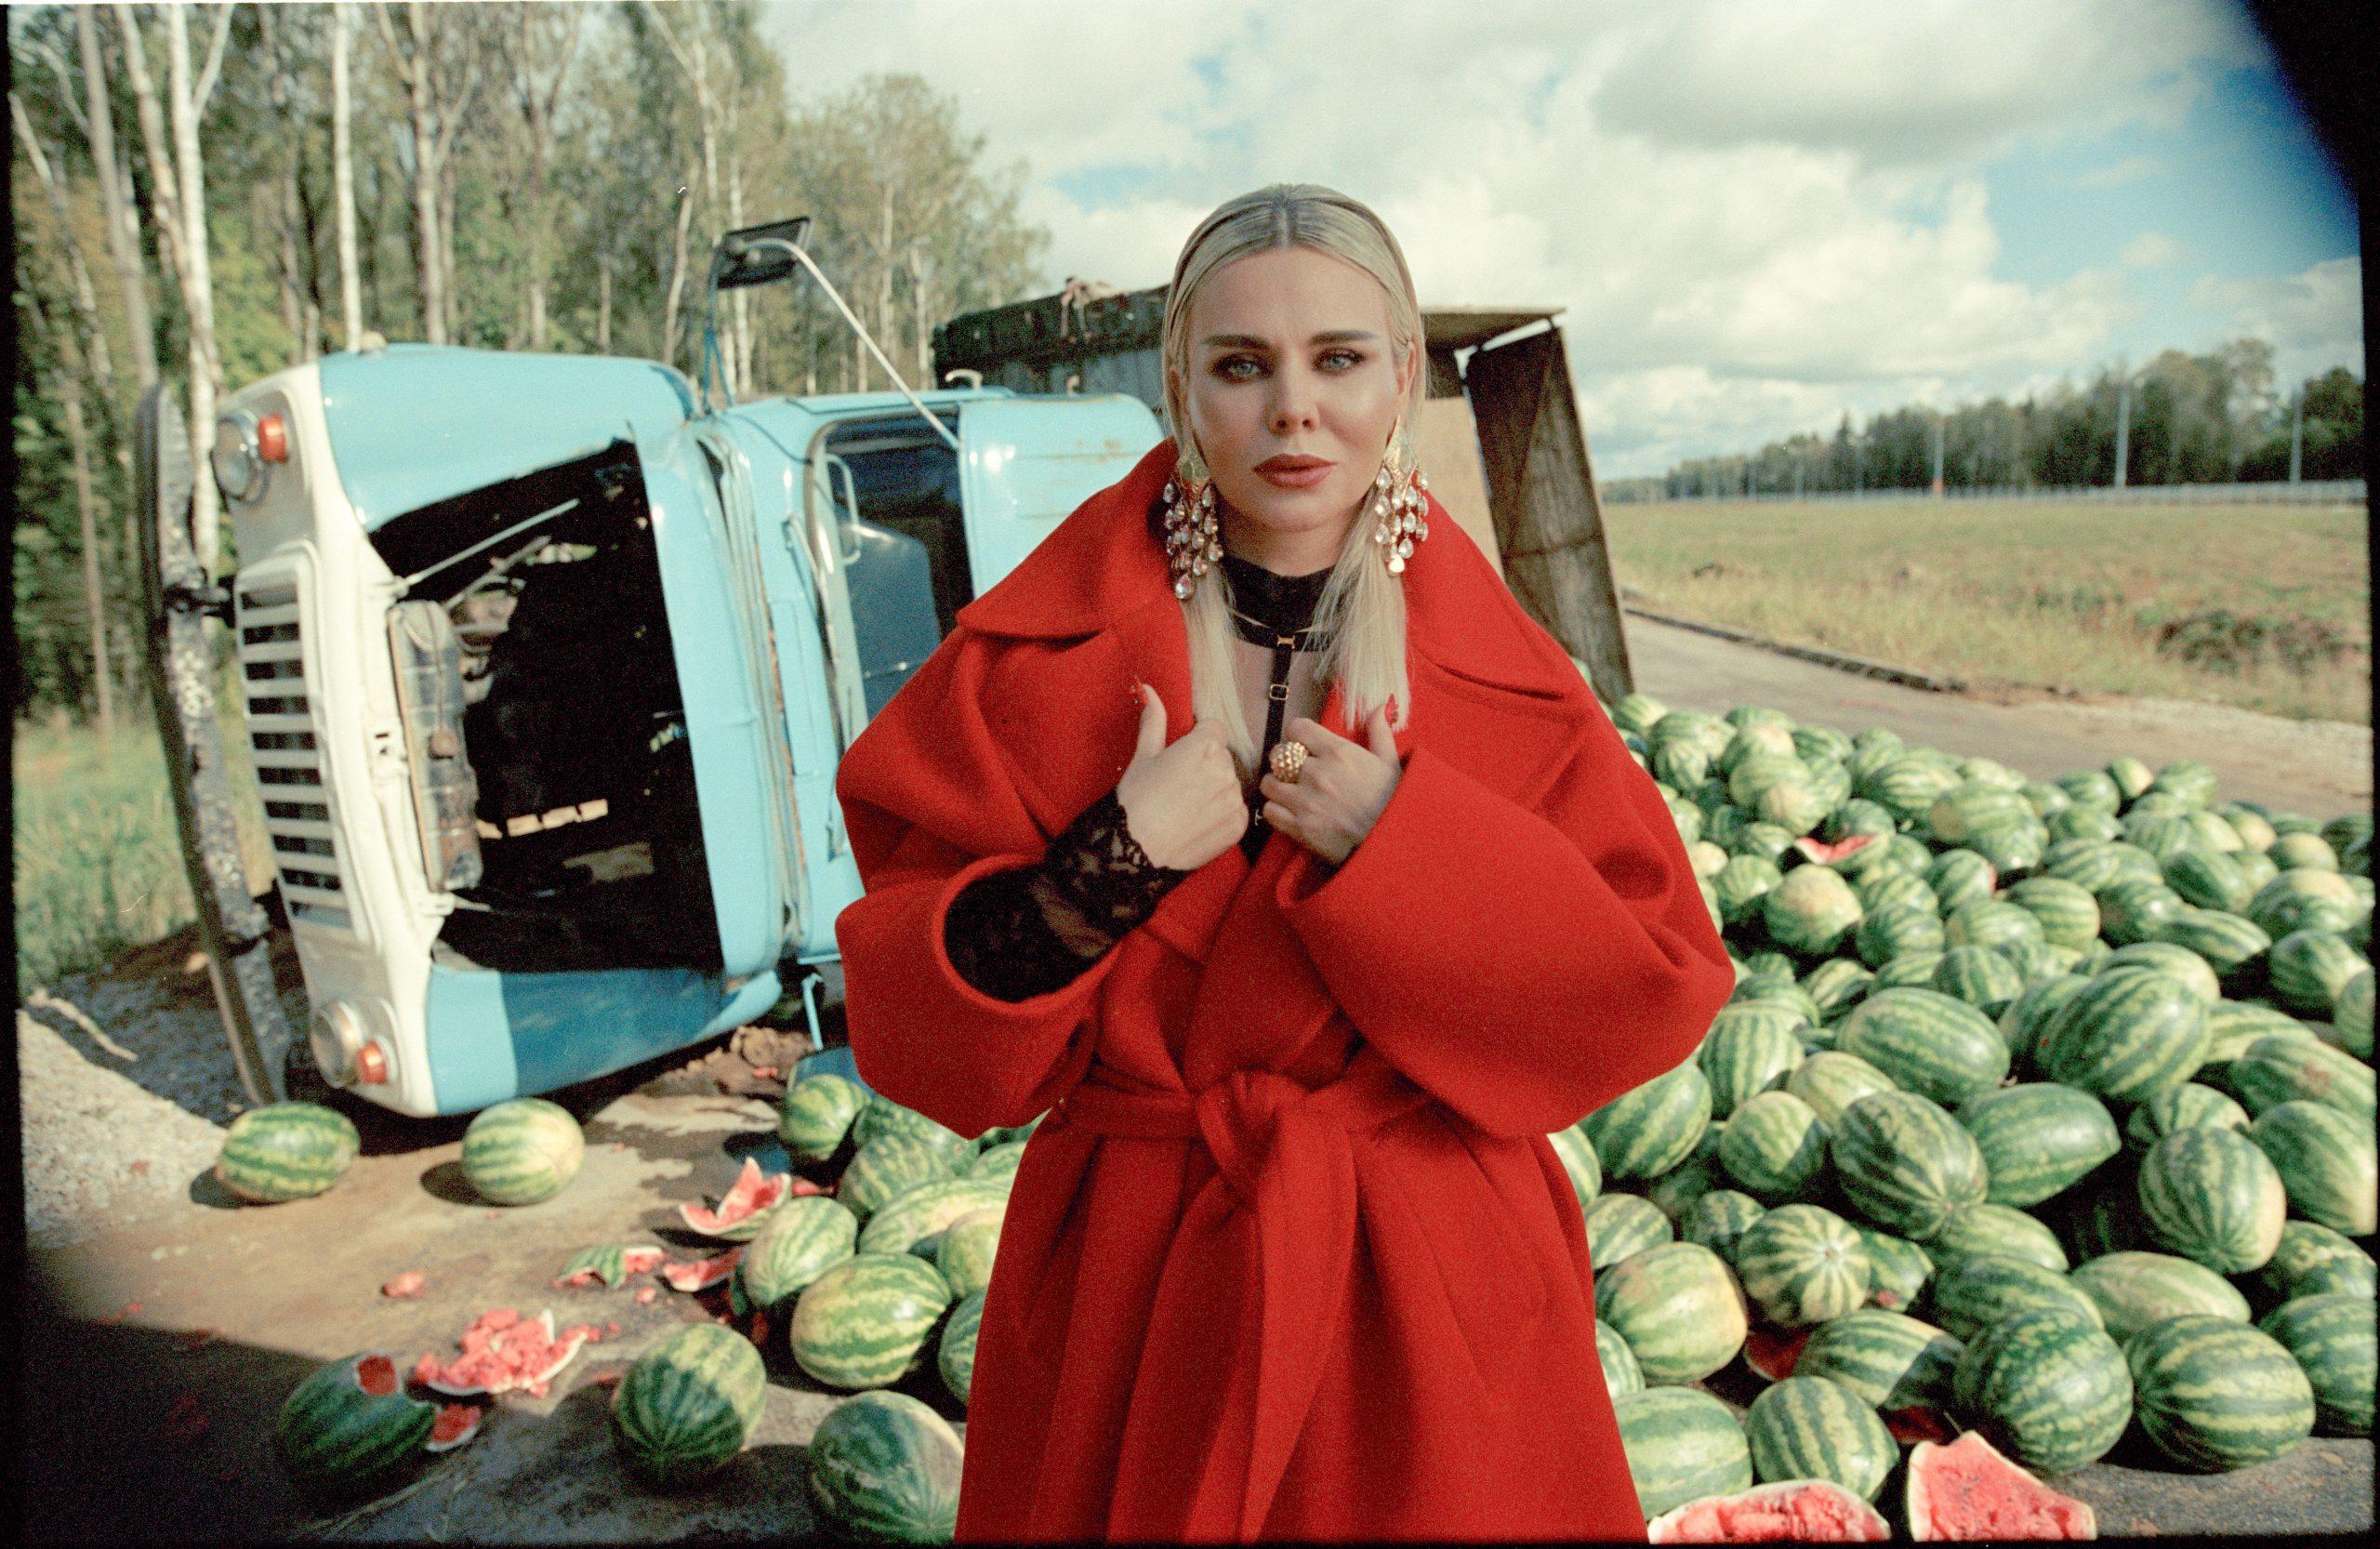 Гудков завалил To-ma 16 тоннами арбузов